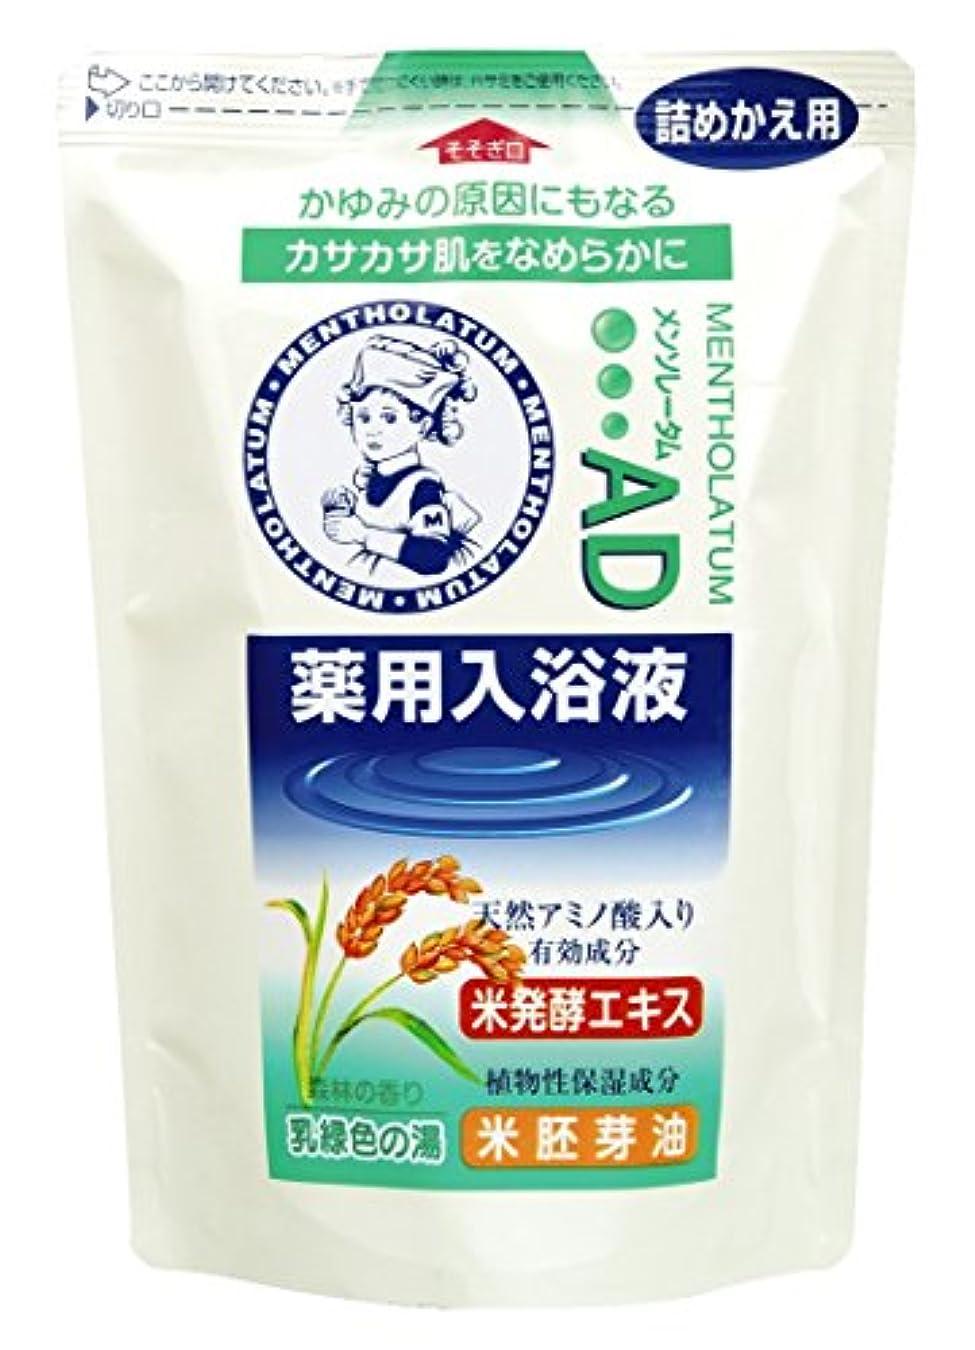 【医薬部外品】メンソレータム AD 薬用入浴剤 天然保湿因子米発酵エキス配合 やすらぐ森林の香り 詰替用 600mL